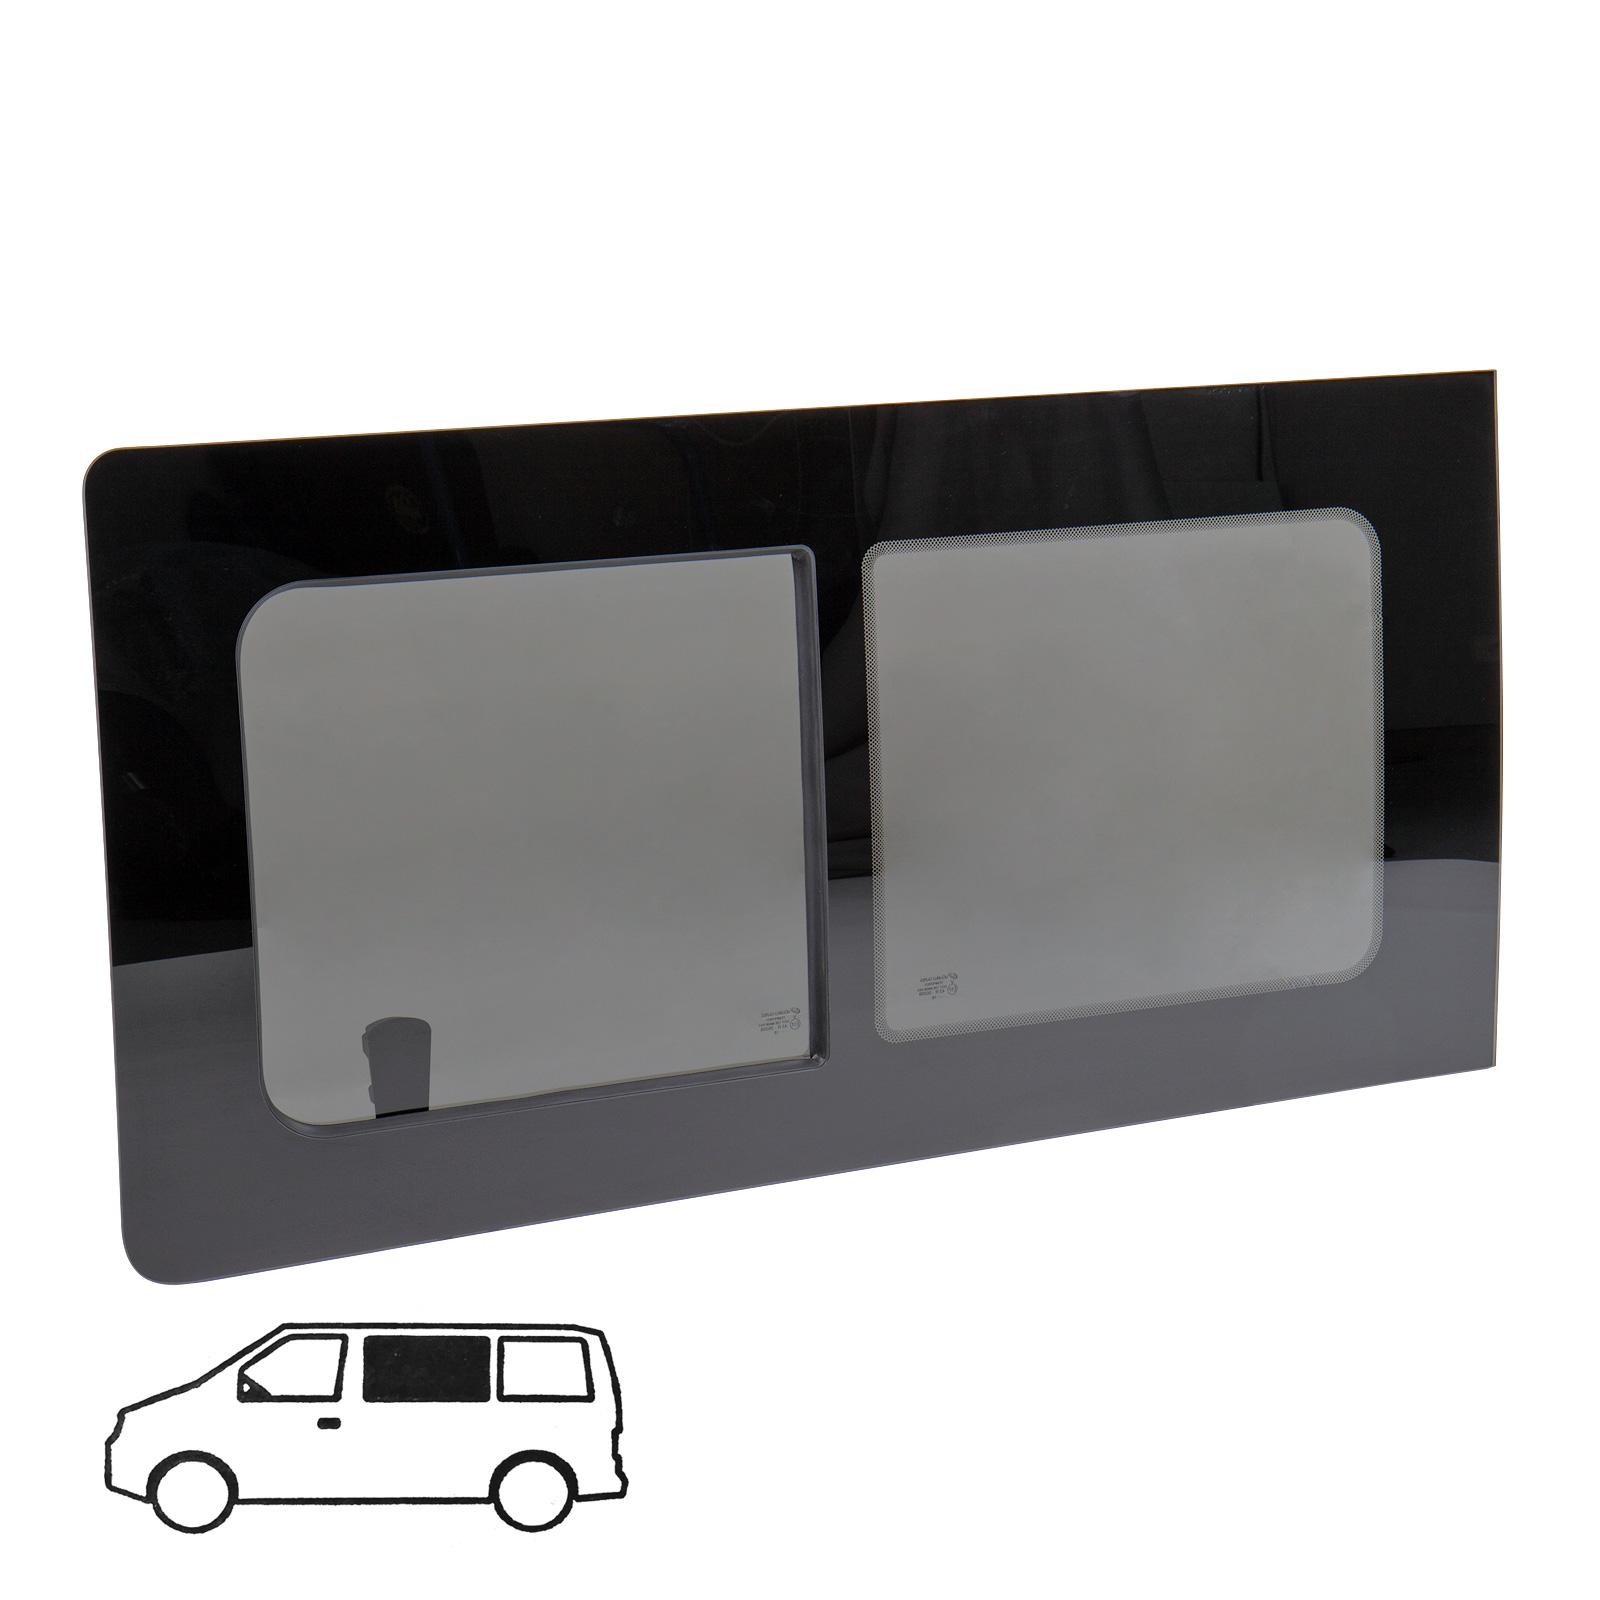 Schiebefenster Glasfenster für VW T5 / T6 links, Echtglas, 113 x 58 cm